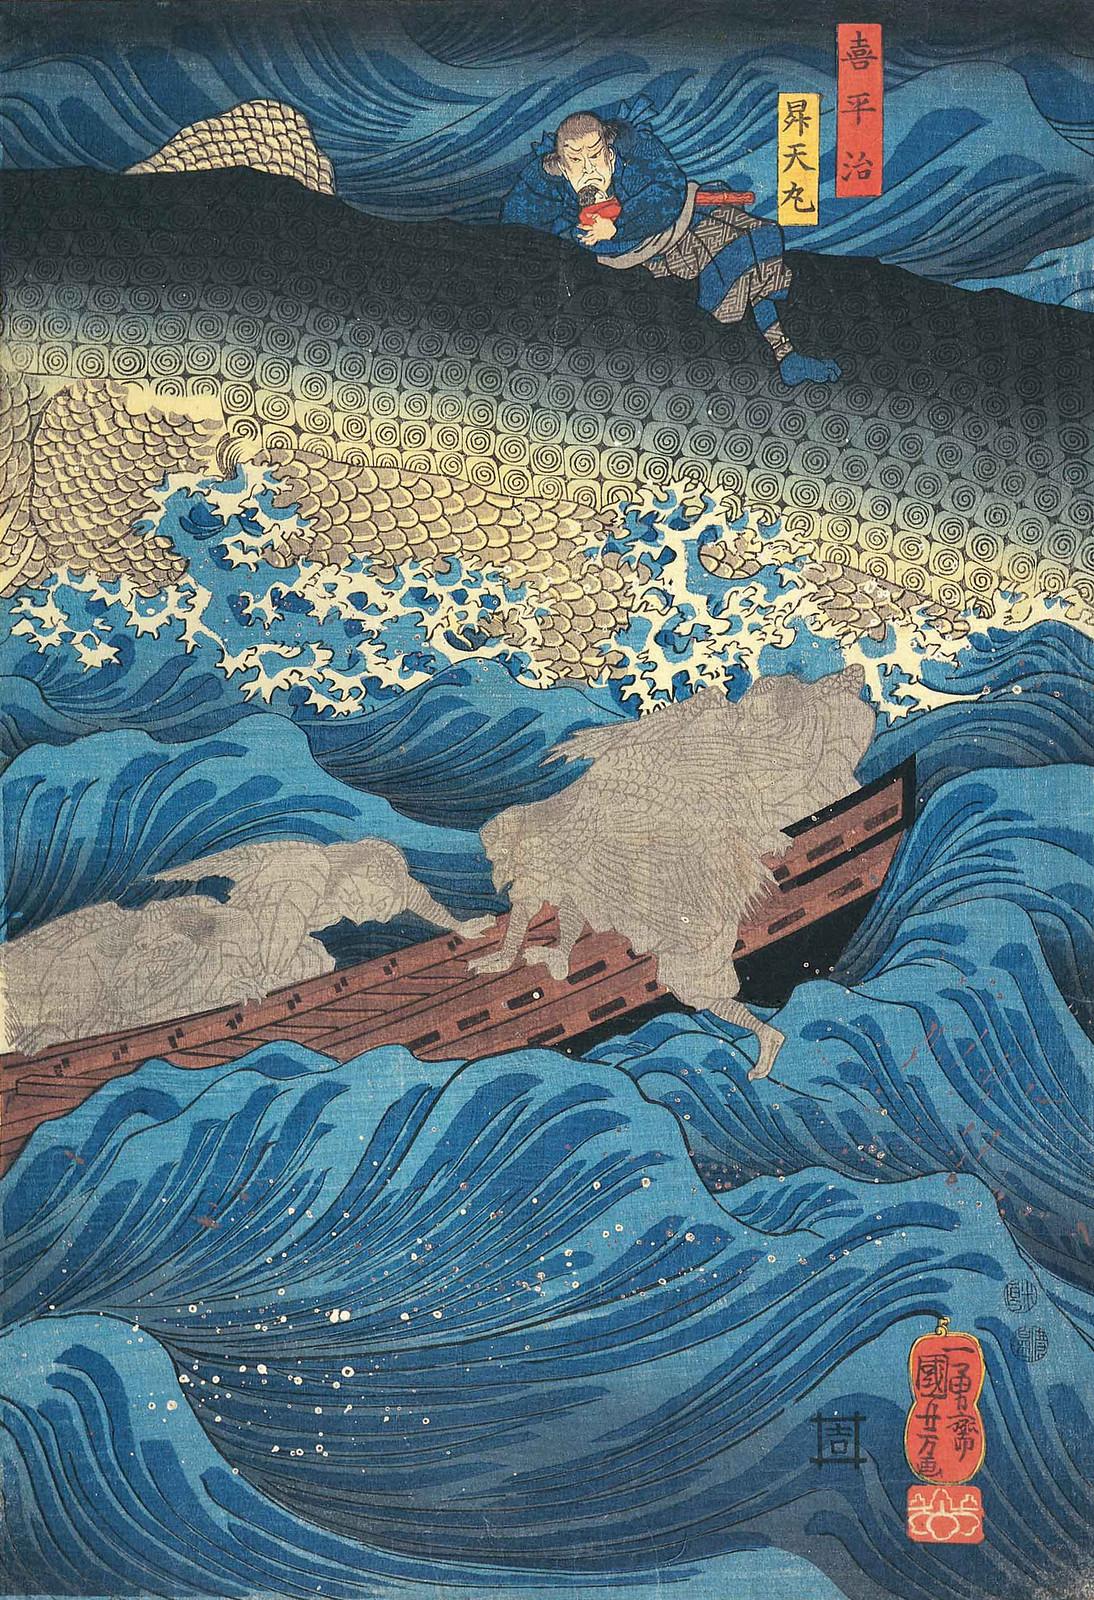 Utagawa Kuniyoshi - Retired Emperor Sanuki Sends Allies to Rescue Tametomo, Edo Period (middle panel)